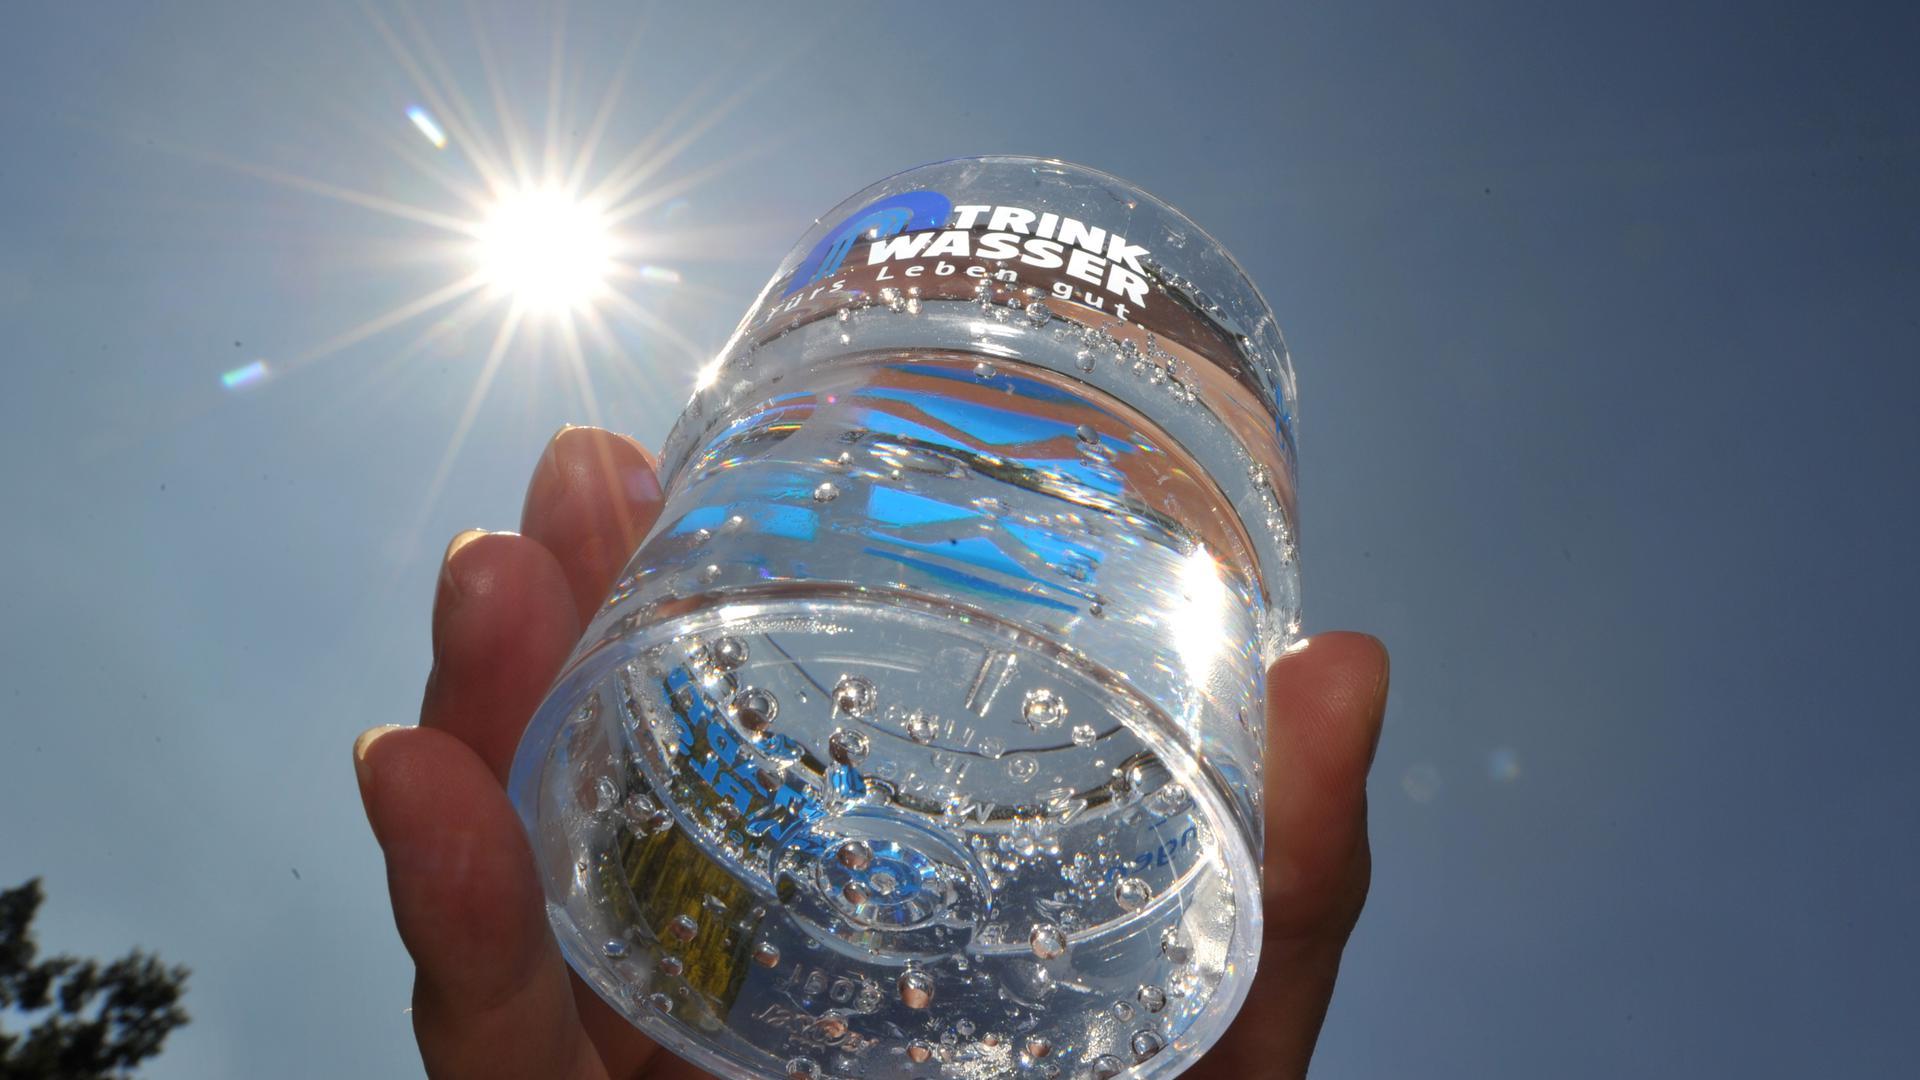 Ein mit Trinkwasser gefüllter Becher wird am Dienstag (02.08.2011) im Karlsruher Freibad Rappenwört bei sommerlichen Temperaturen gezeigt. Bei einem Pressetermin informierten die Stadtwerke Karlsruhe über die Qualität des Trinkwassers. Laut Angaben des Unternehmens gehört es zu den besten Leitungswässern in Deutschland. Es wird ausschließlich aus Grundwasser gewonnen und ist von Natur aus so gut, dass es nicht gechlort werden muss. Foto: Uli Deck dpa/lsw  +++(c) dpa - Bildfunk+++